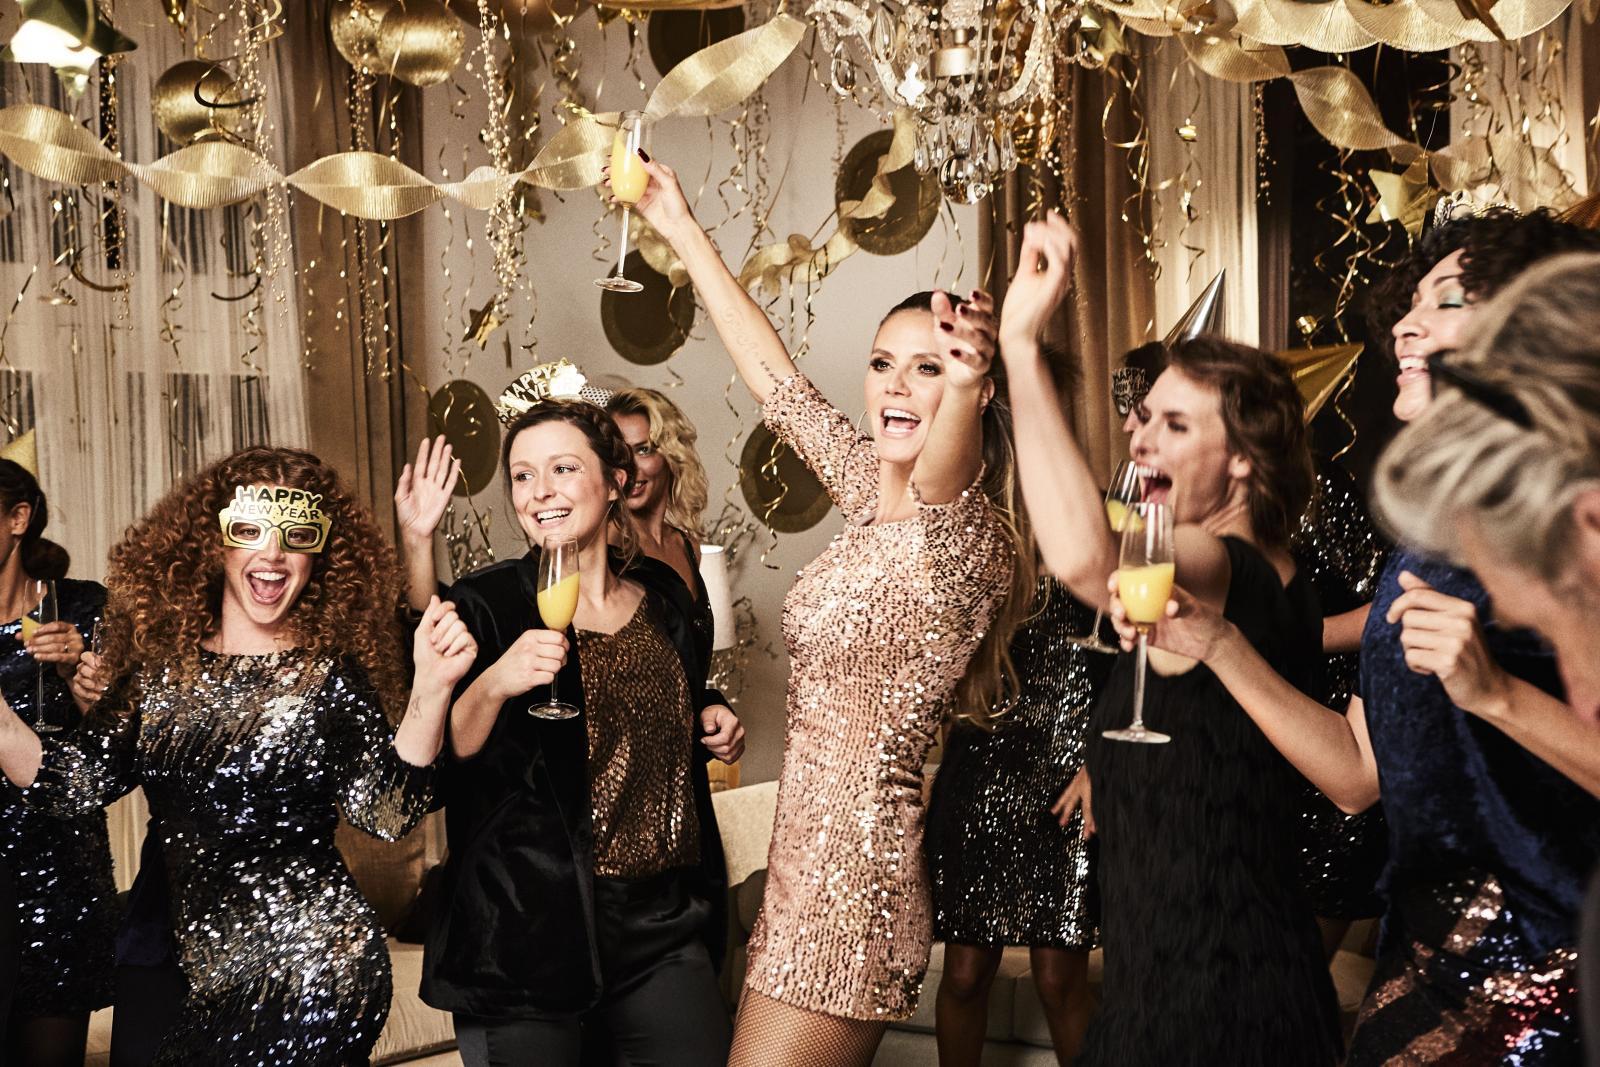 Doba je godine kad šljokice dolaze do izražaja, a s njima i vi! Zabljesnite uz novu Heidi Klum kolekciju.